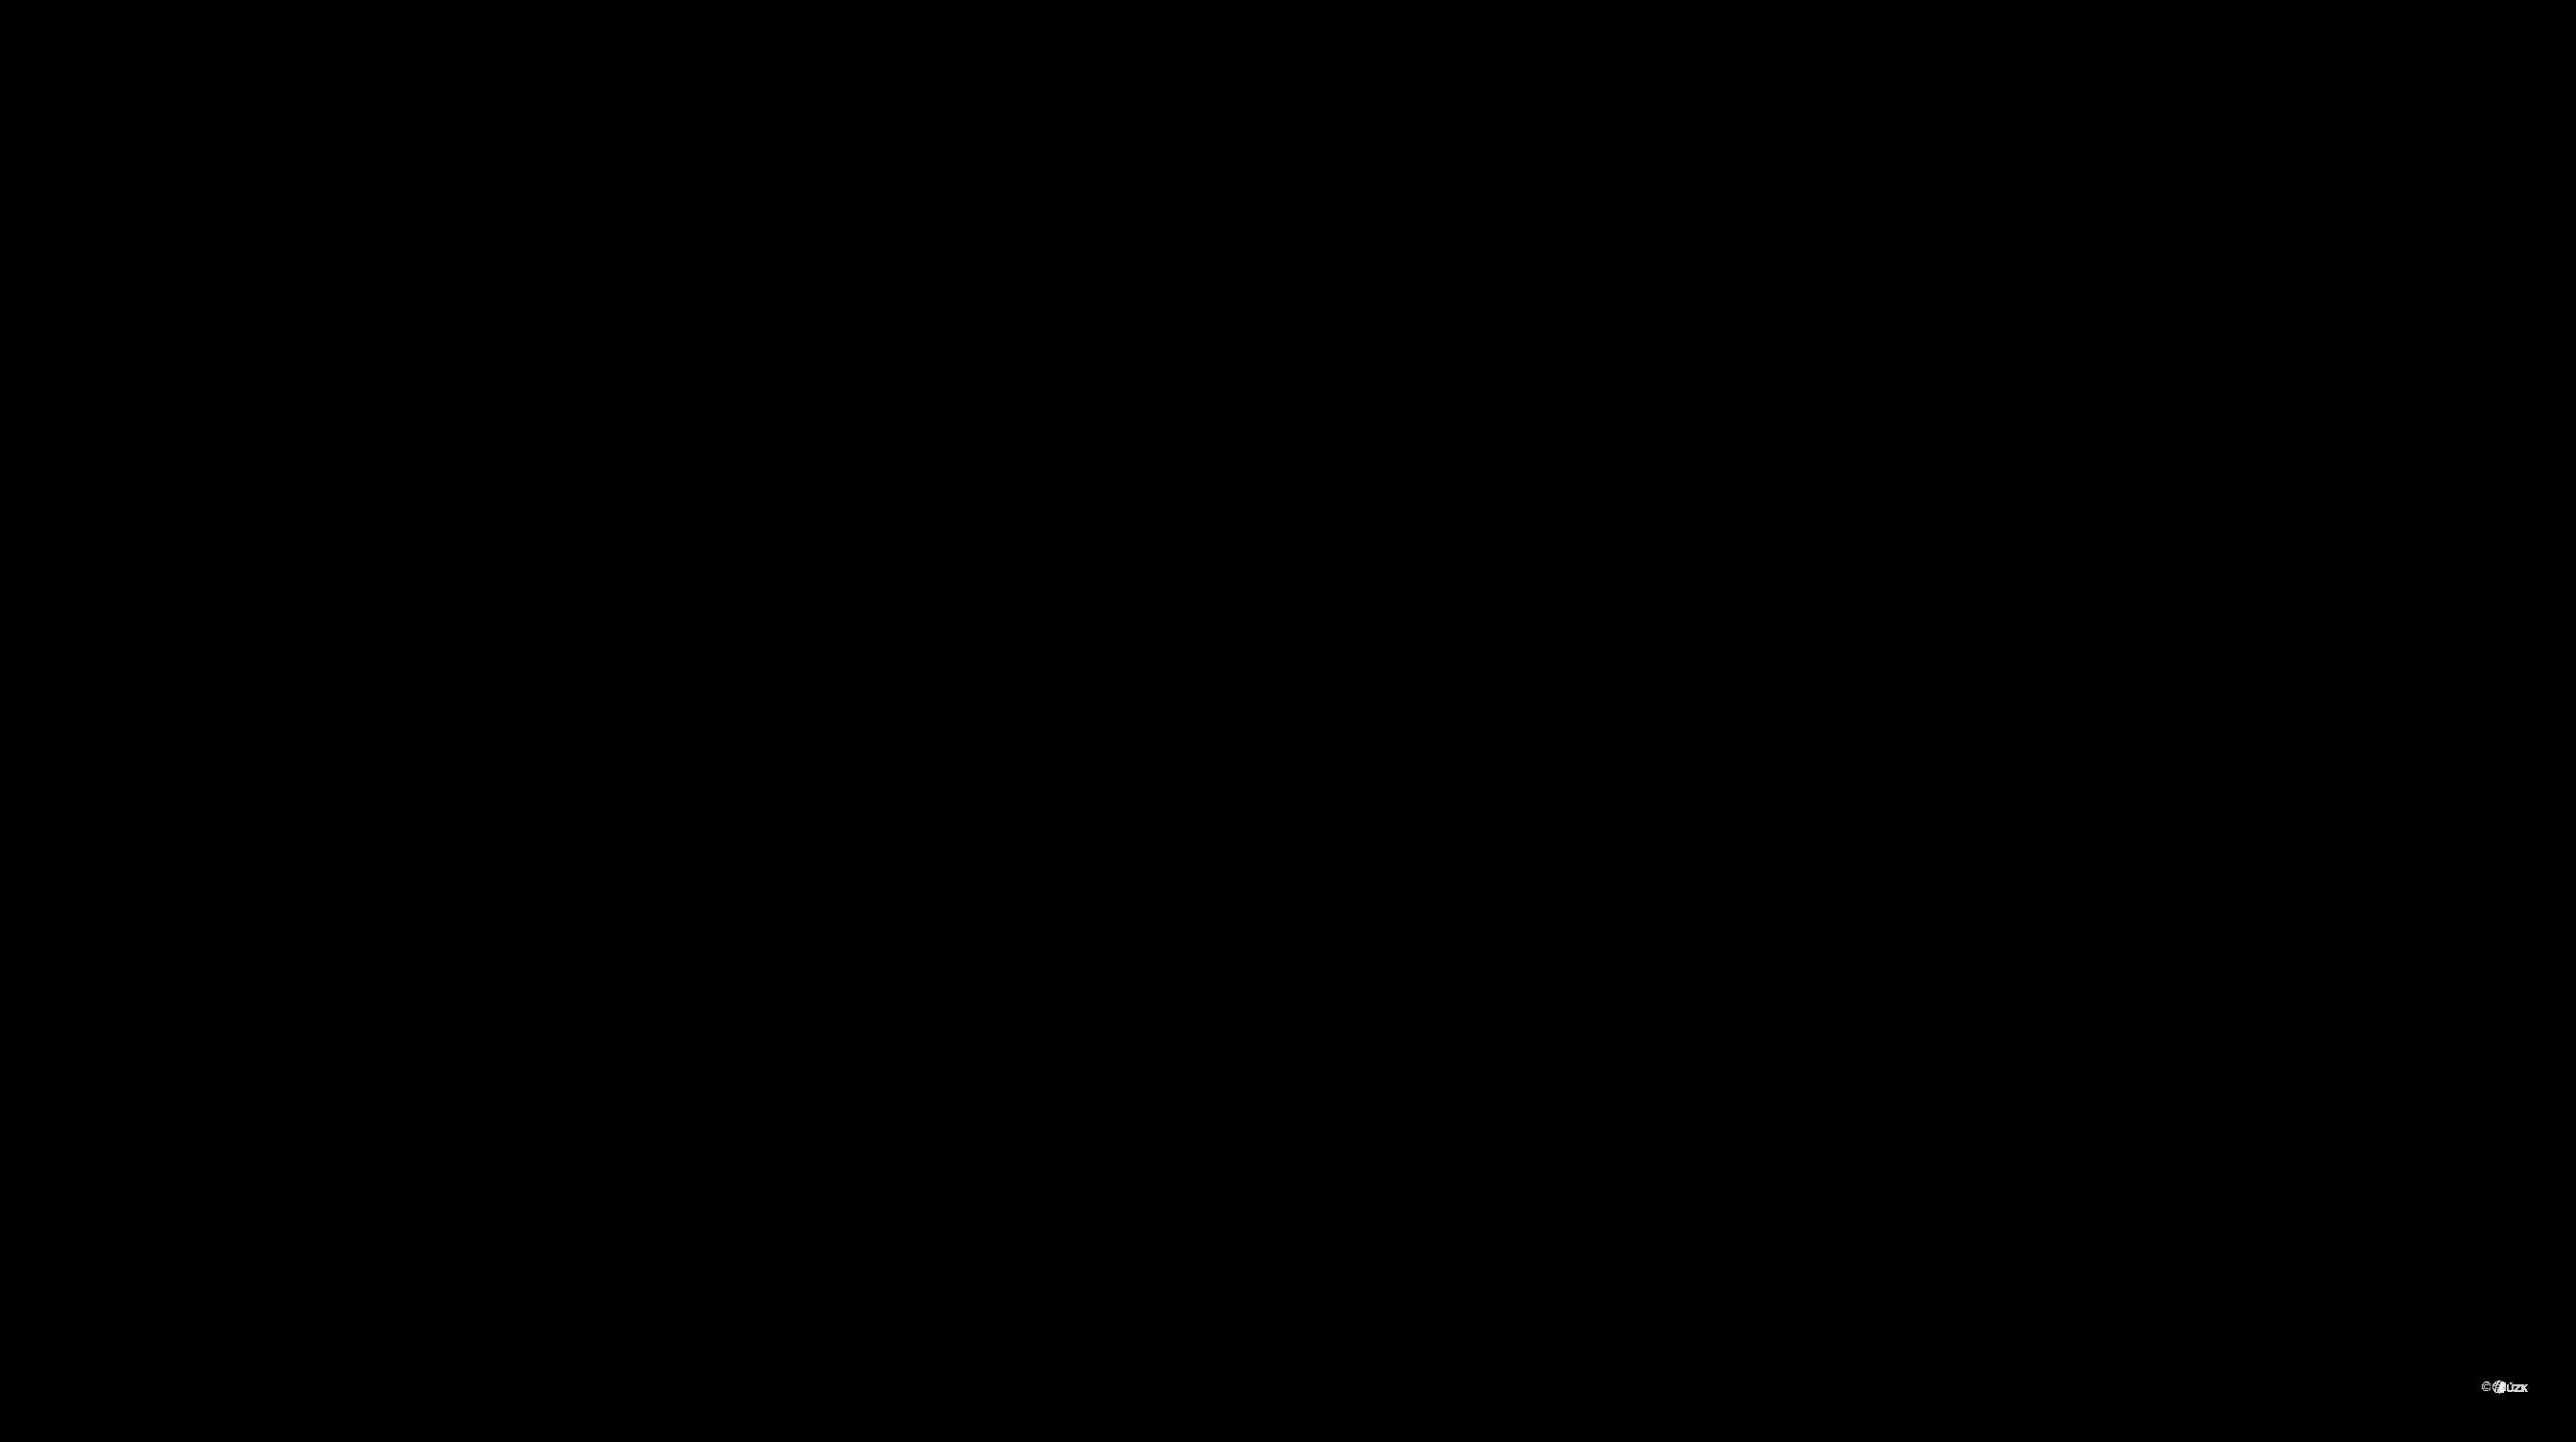 Katastrální mapa pozemků a čísla parcel Ostružná